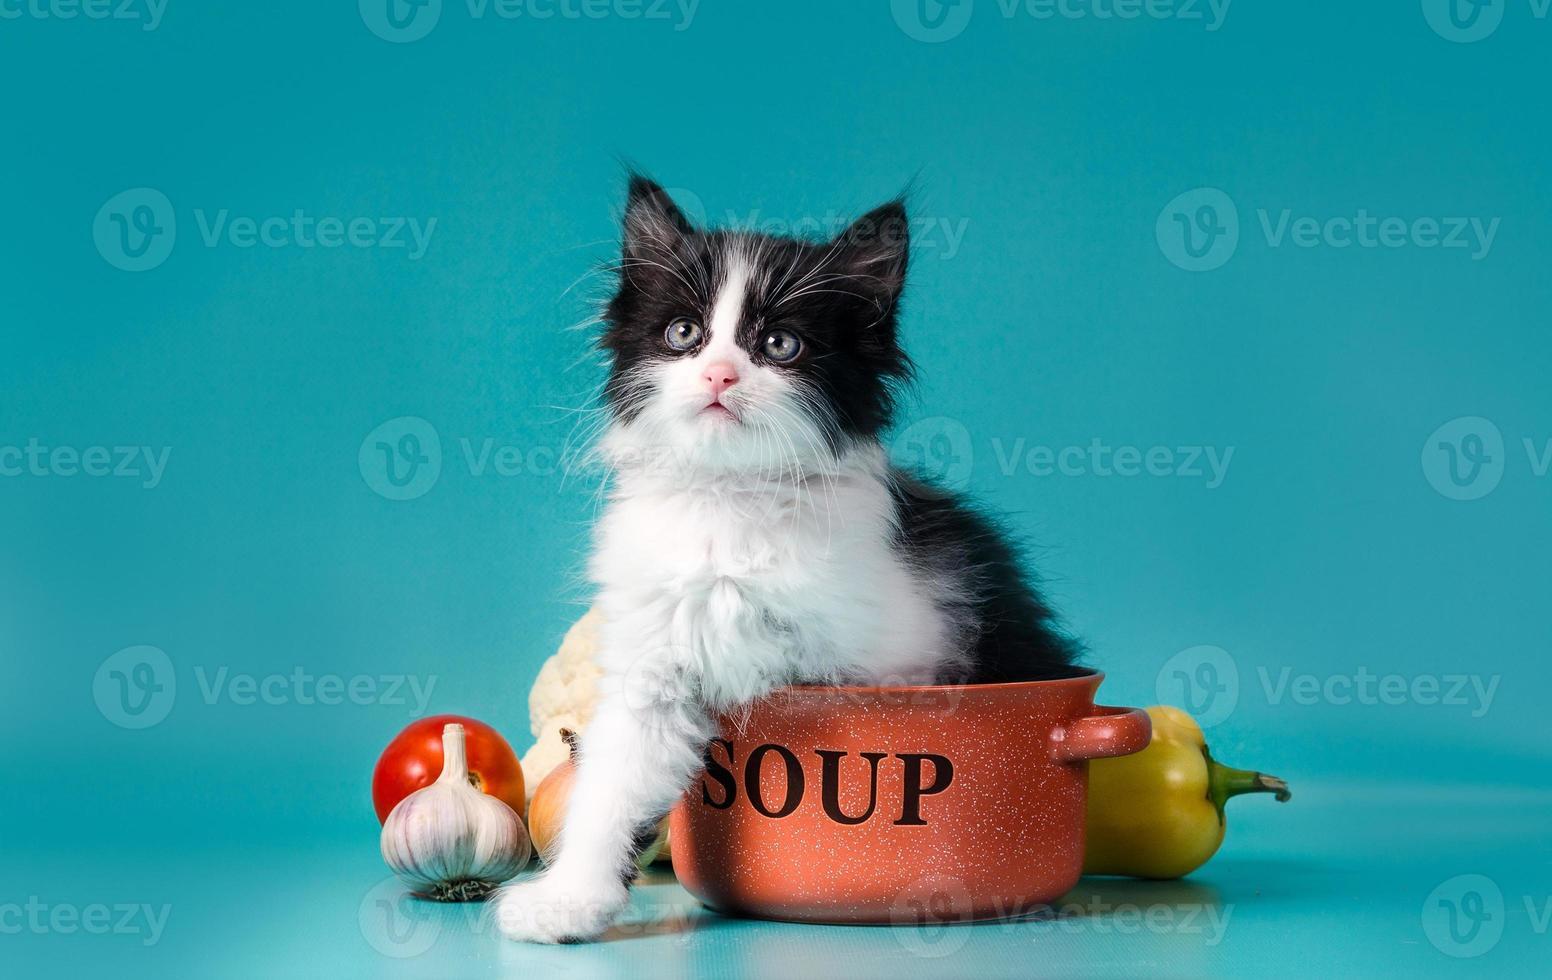 Katze mit einer Schüssel Suppe foto